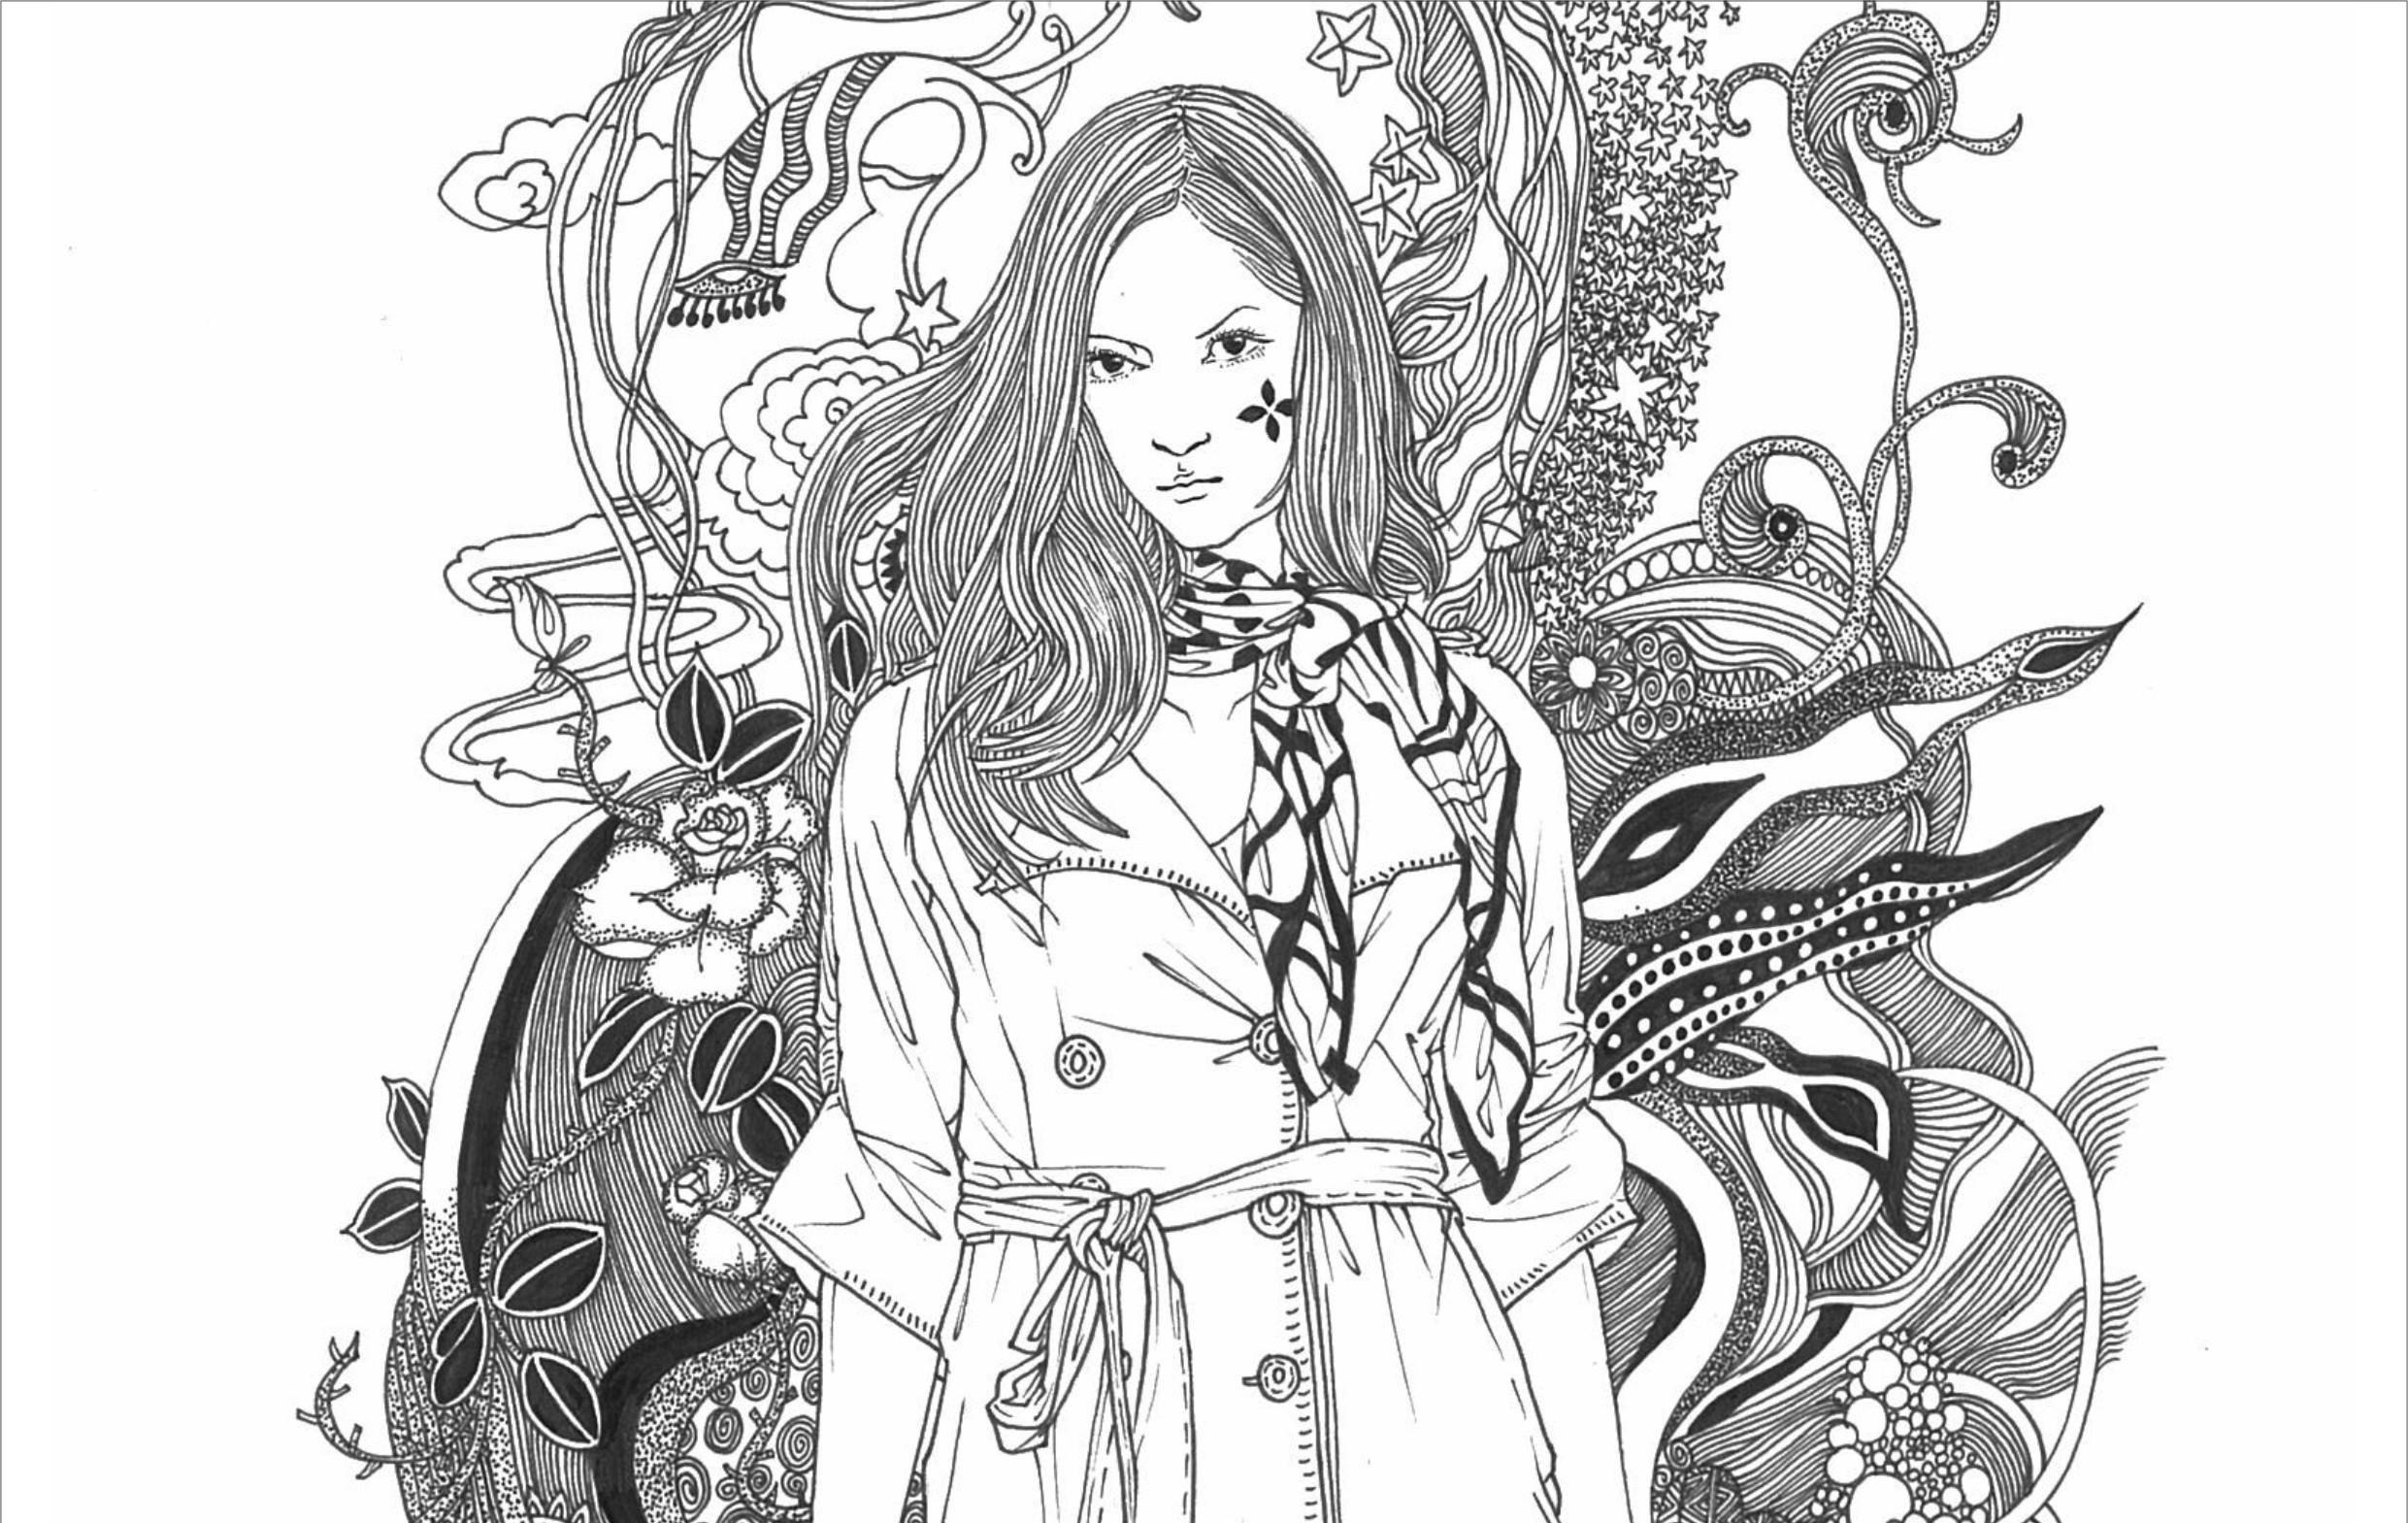 手绘青春|插画|其他插画|zhoujying - 原创作品